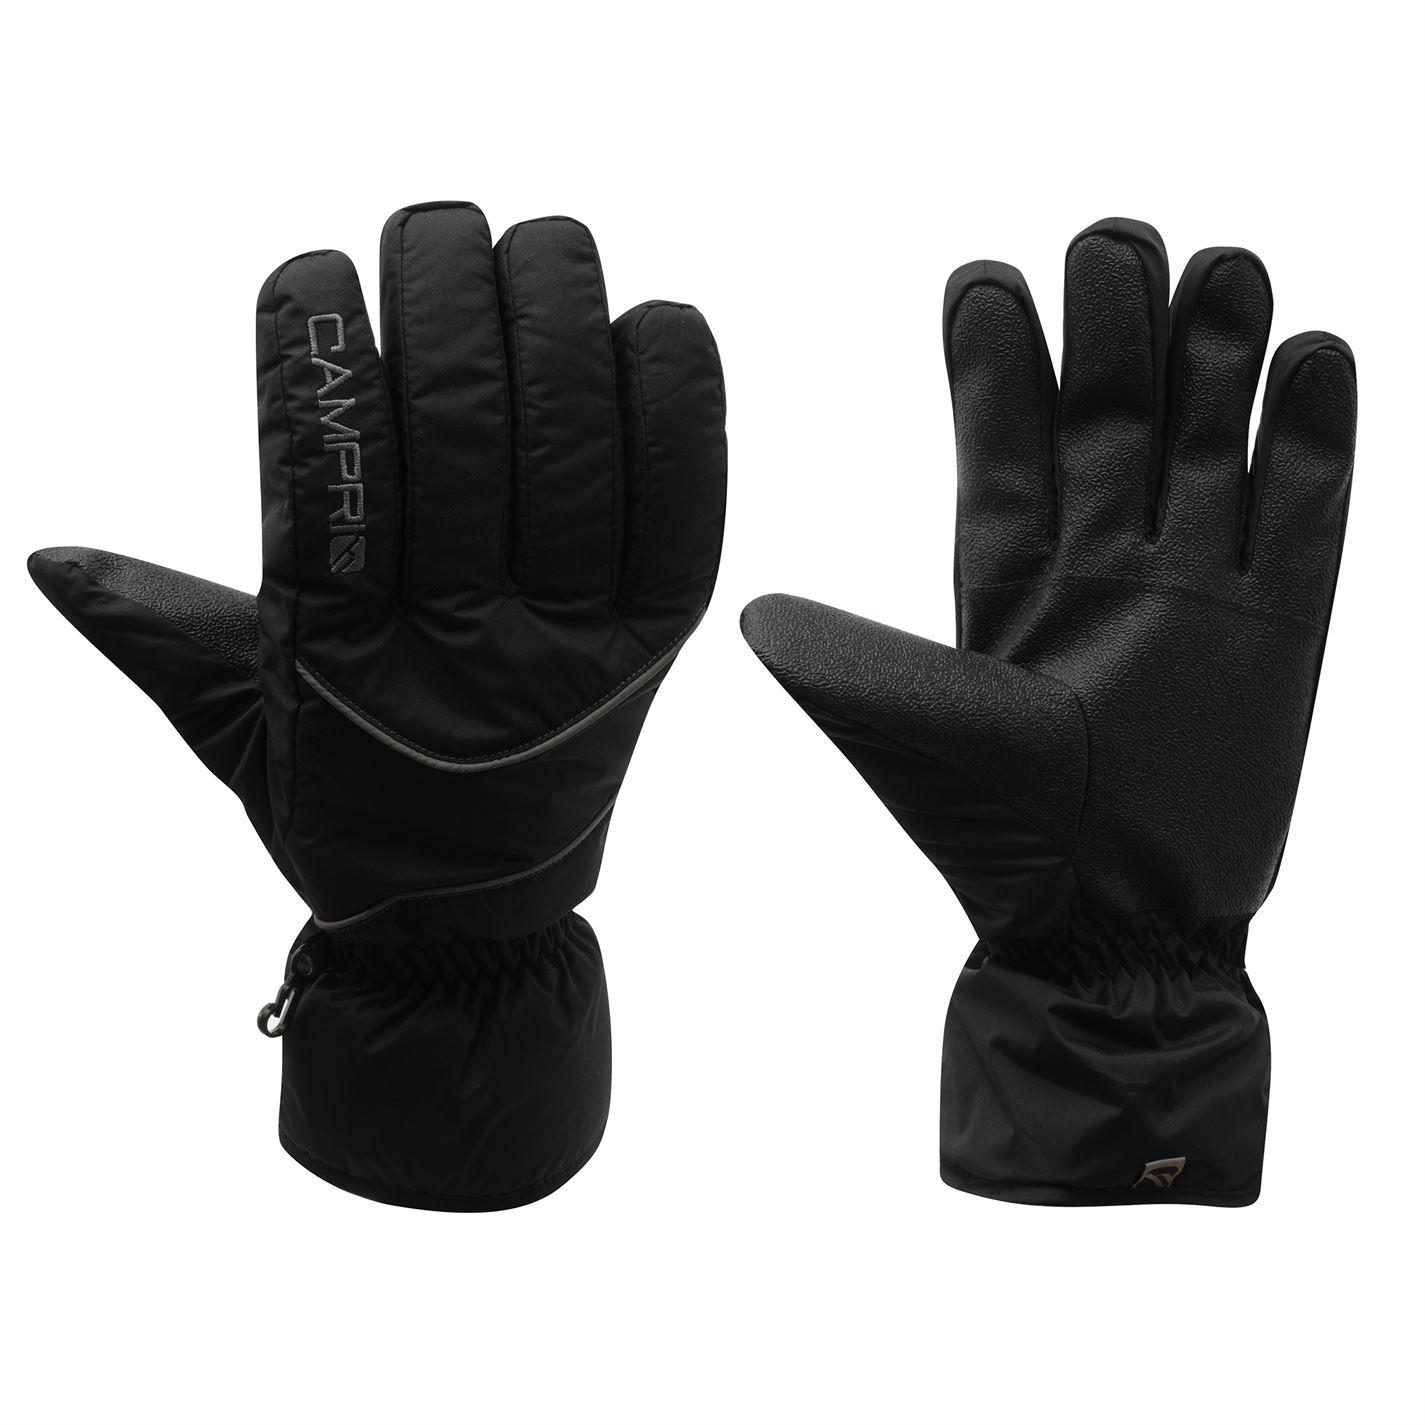 Sport Snow Gloves: CAMPRI SKI GLOVES Mens Black Skiing Snowboarding Winter